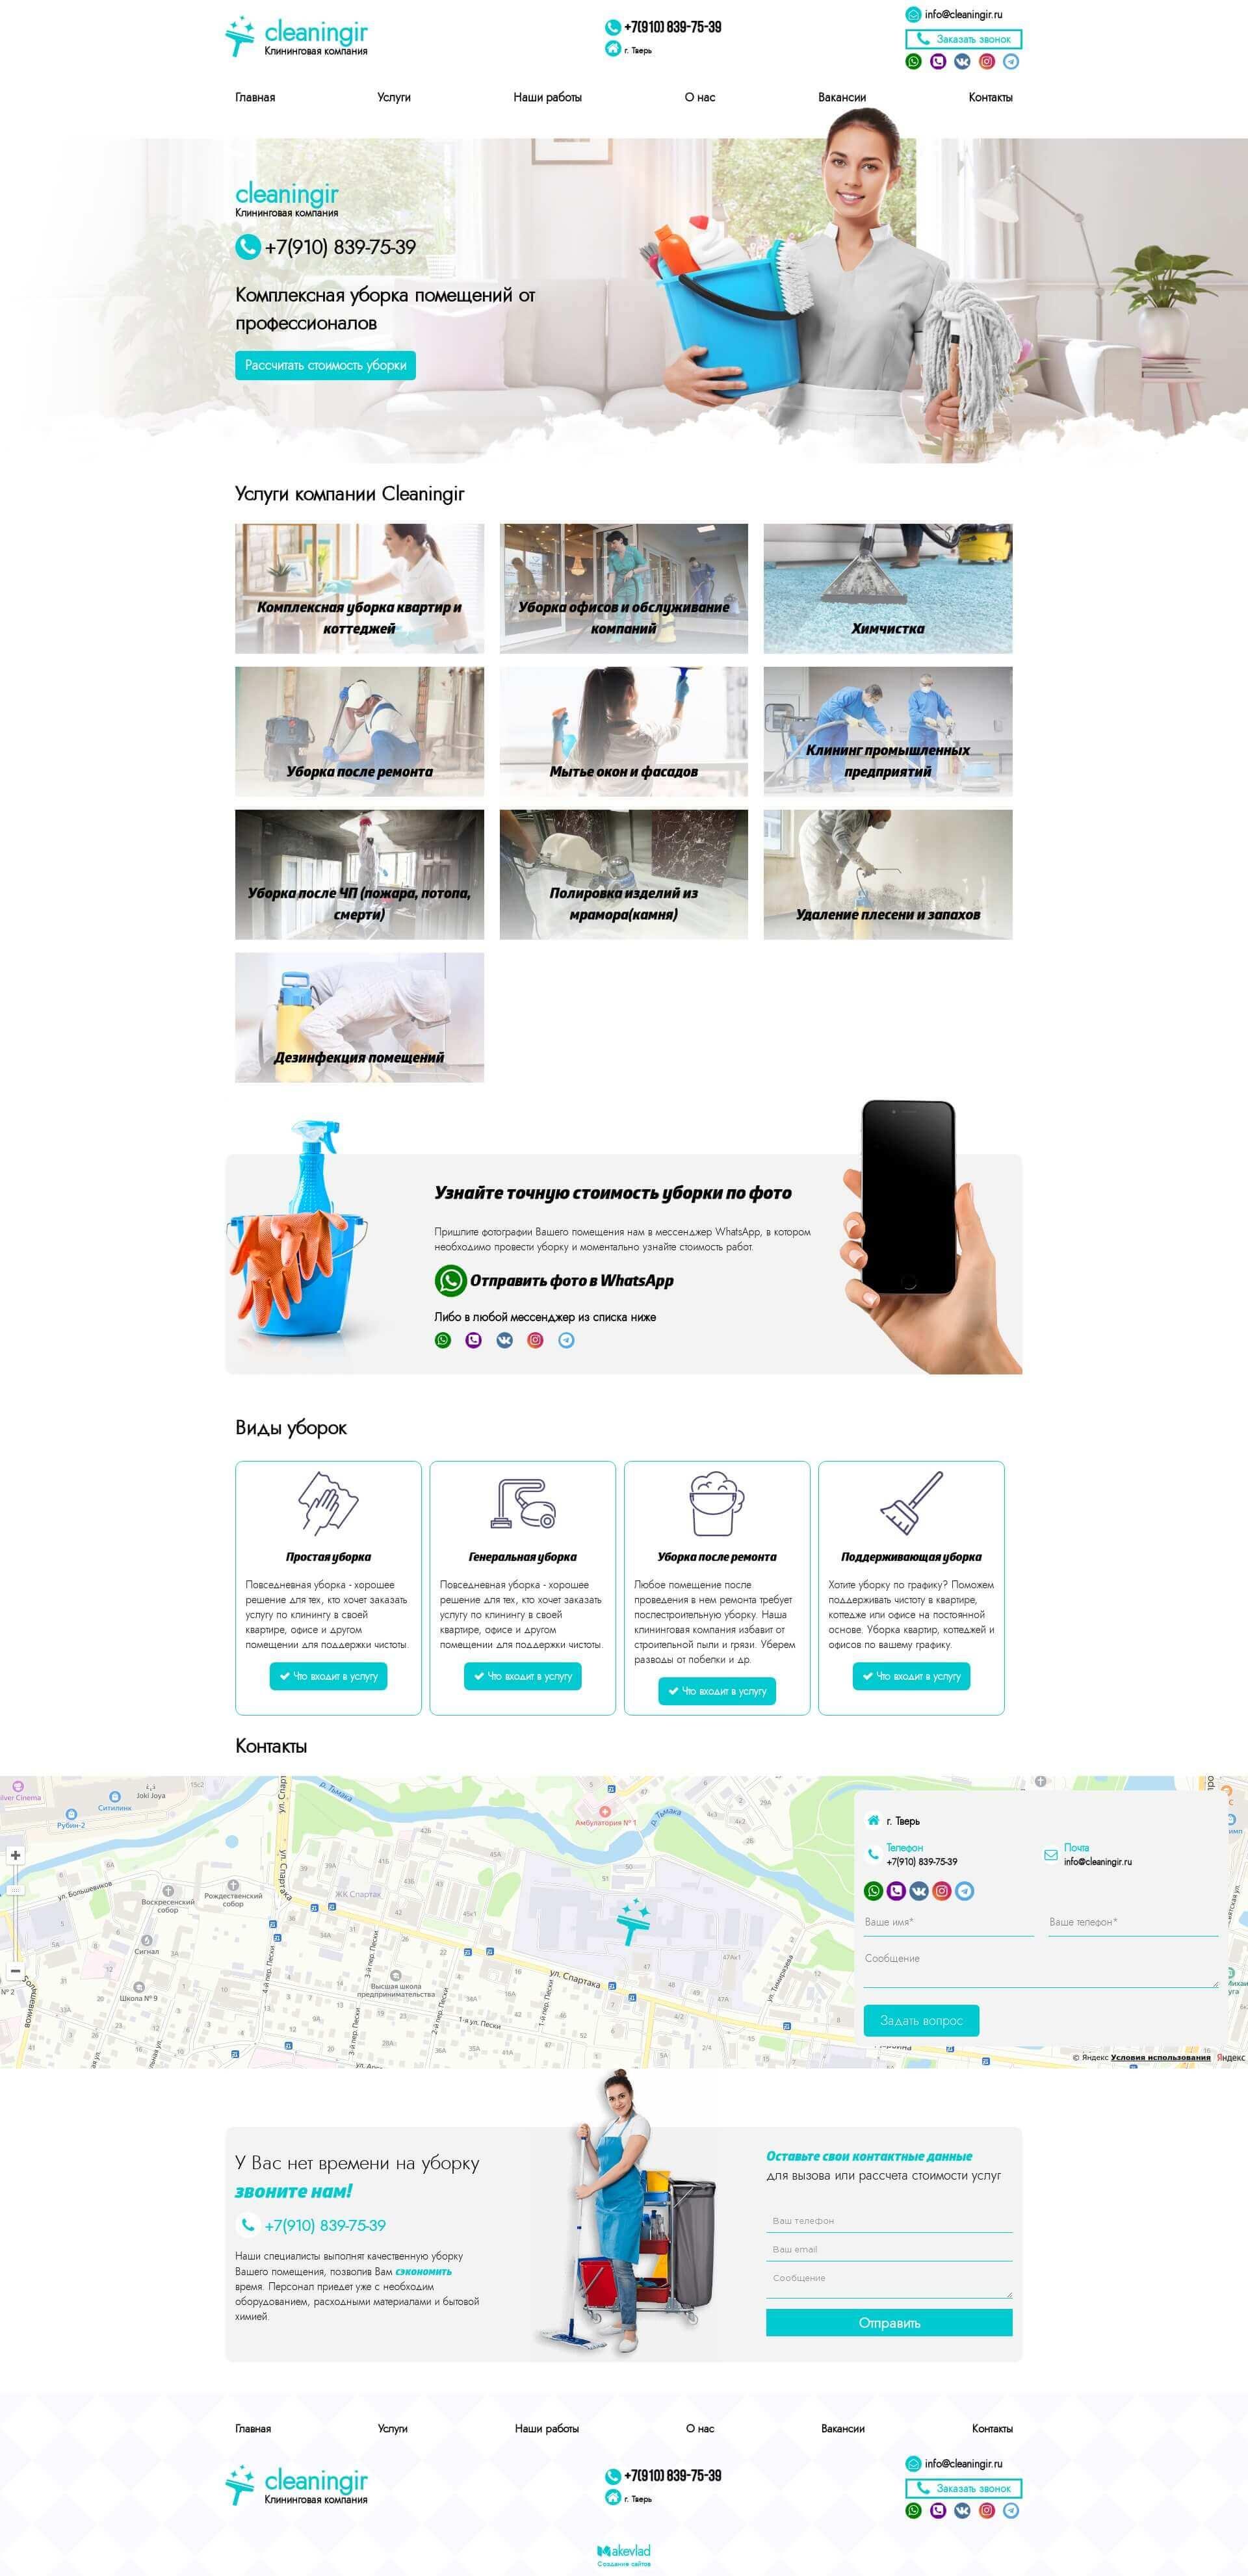 Скриншот №1 страницы сайта во весь экран. Сайт для клининговой компании